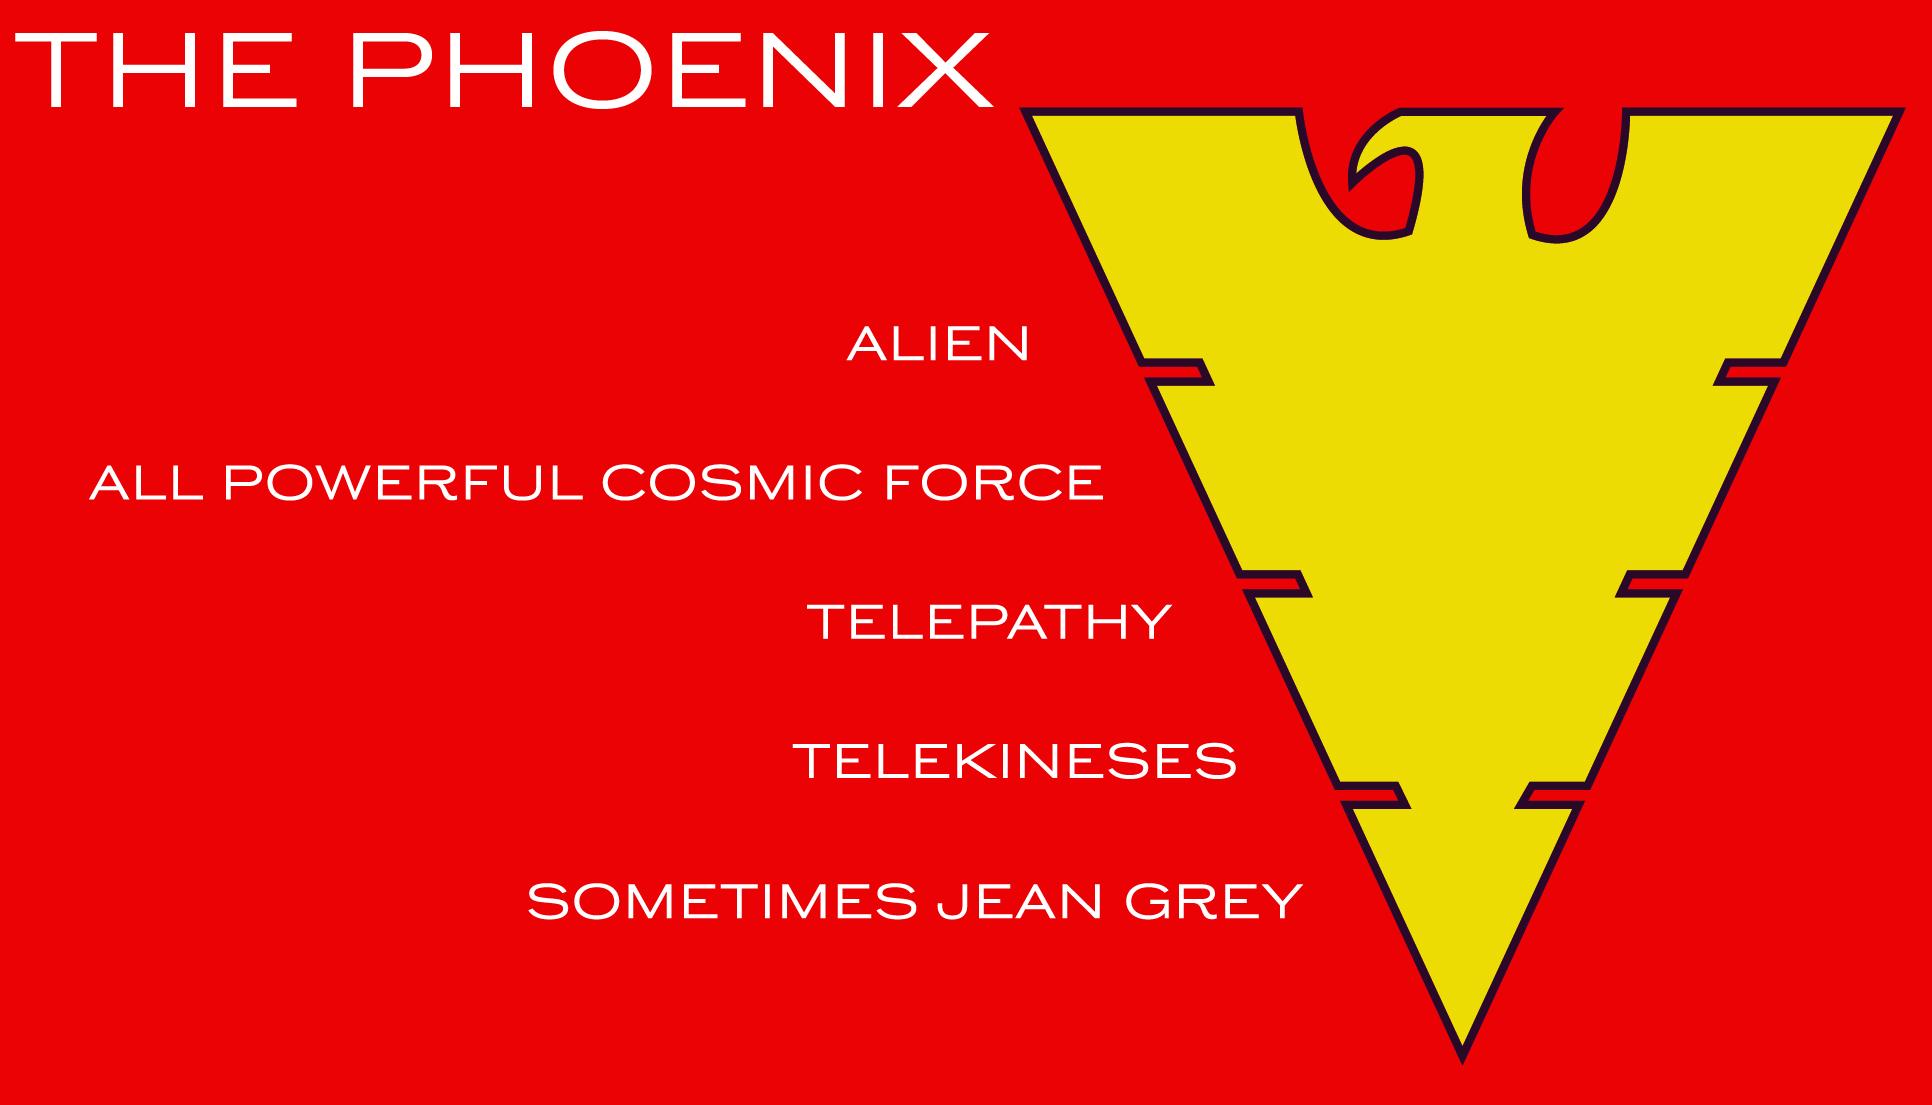 Phoenix Business Card Side 1